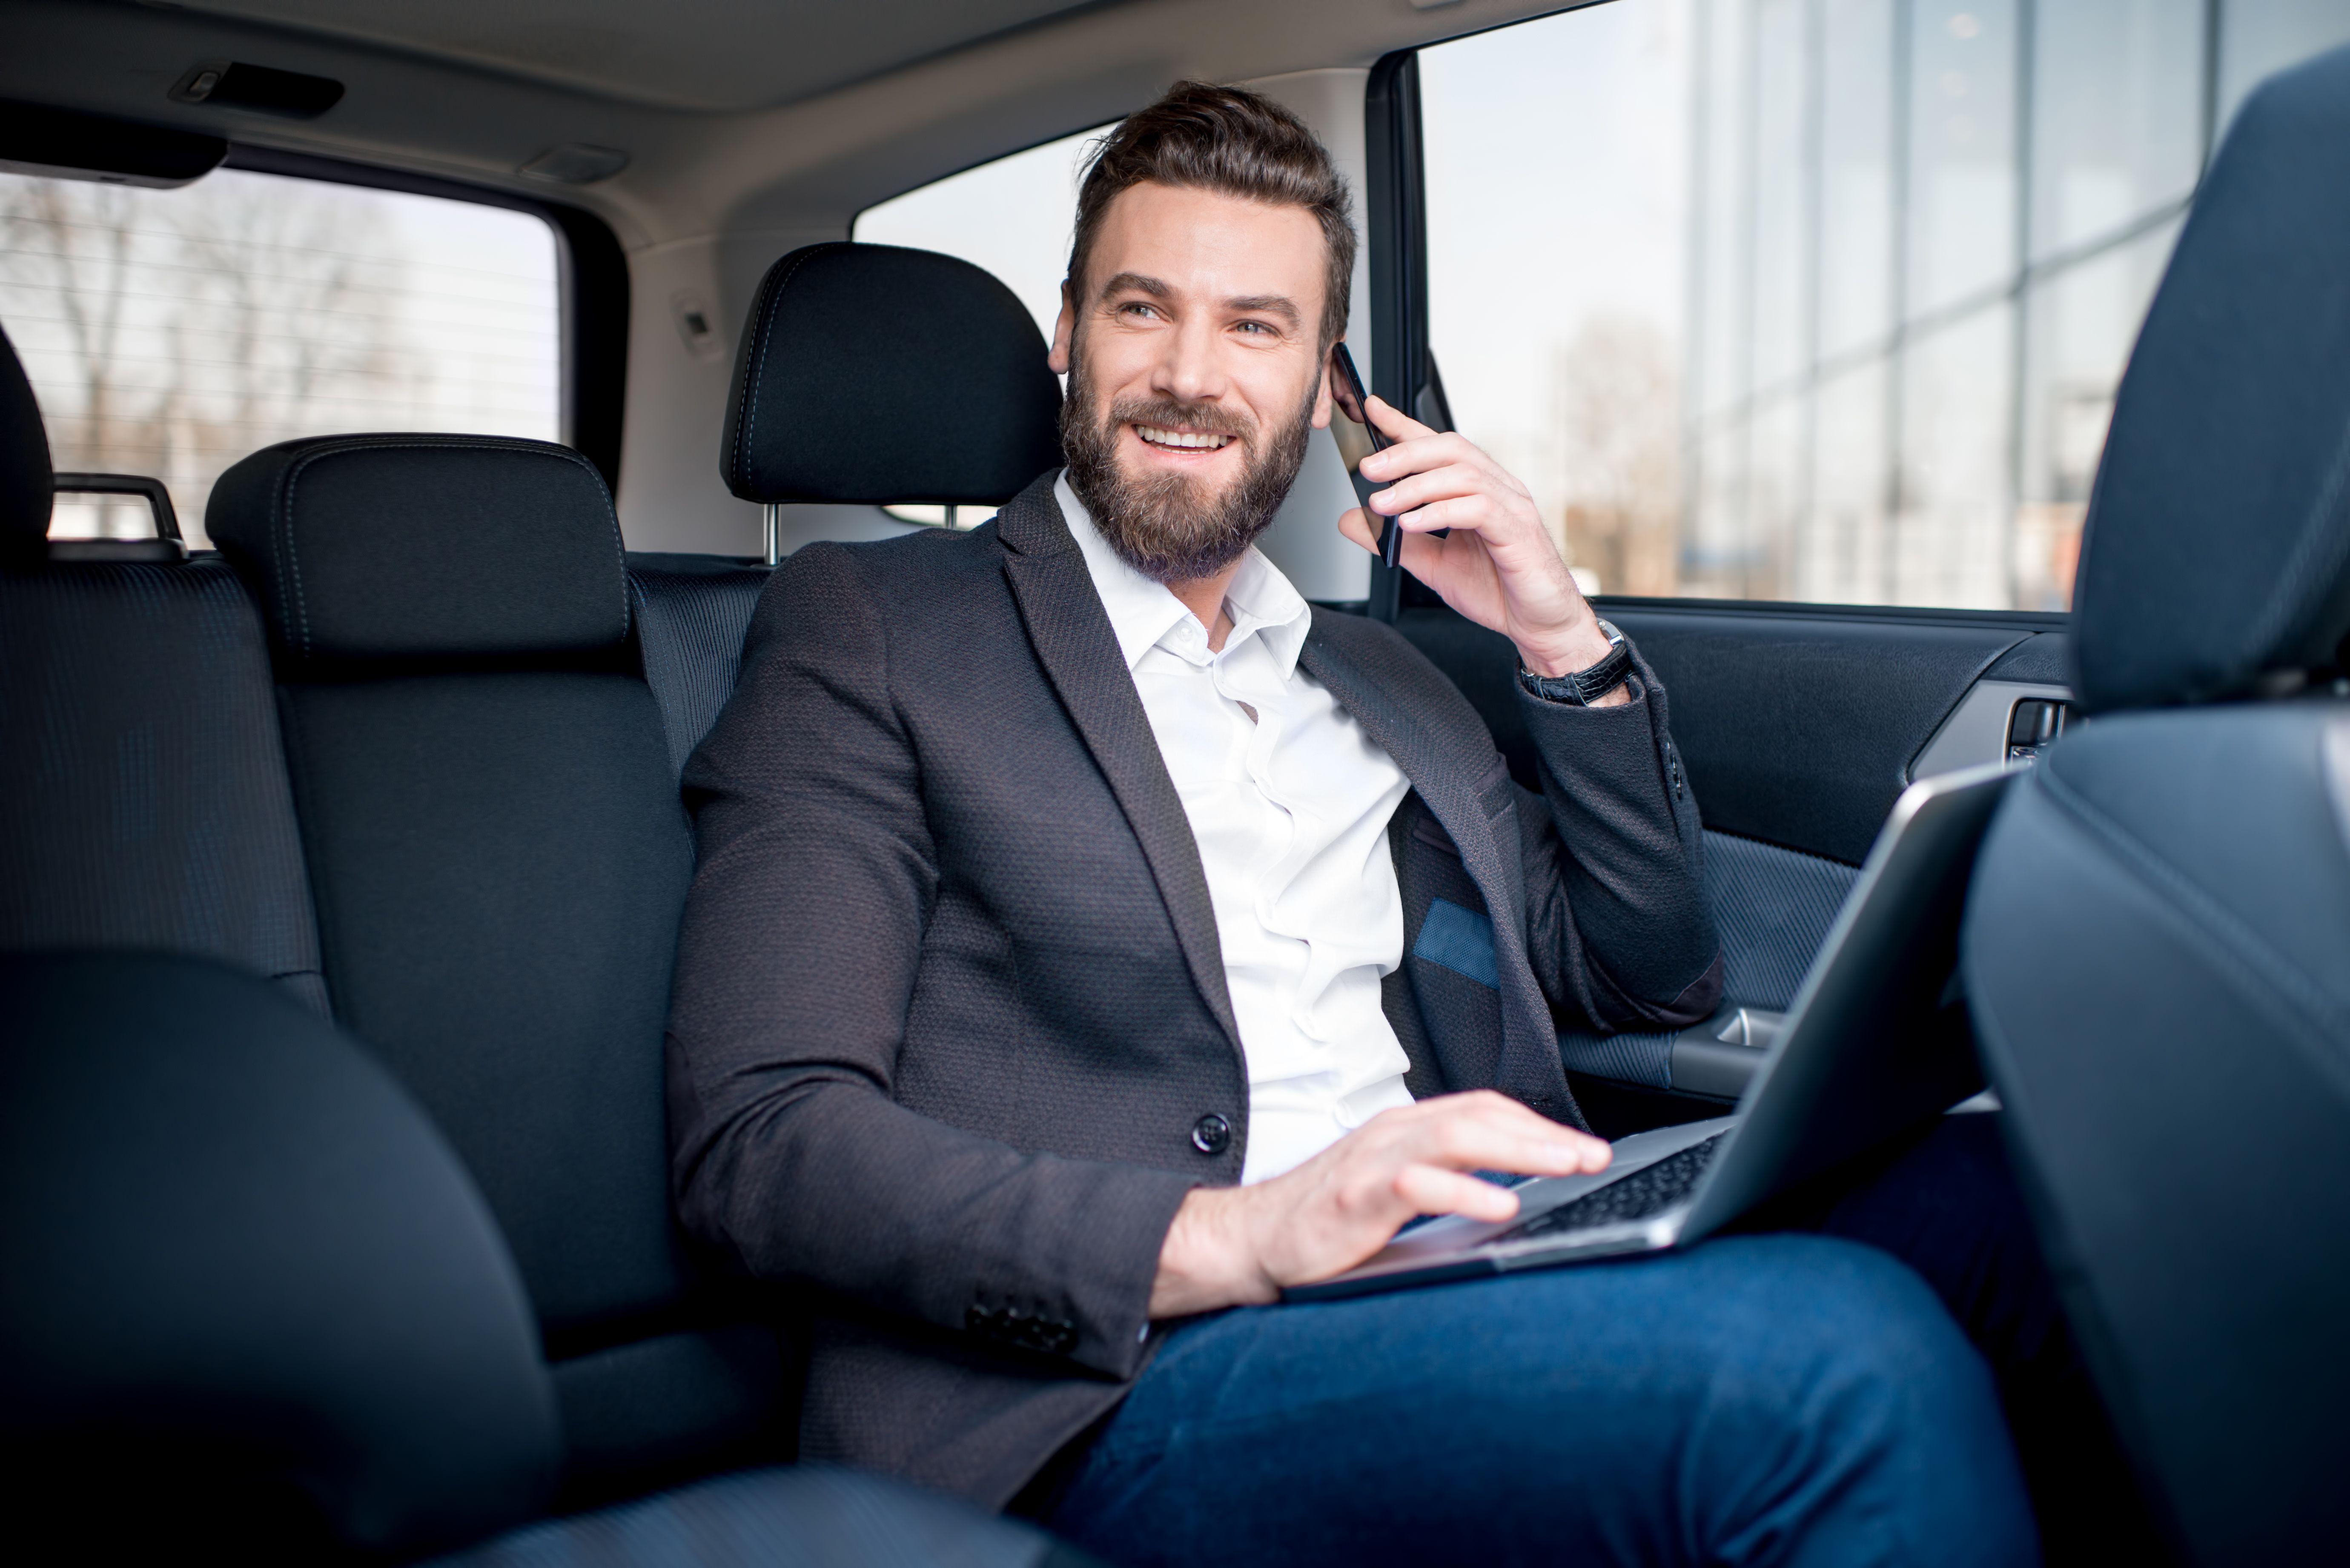 Larga distancia: Nuestros servicios de Taxi Navia